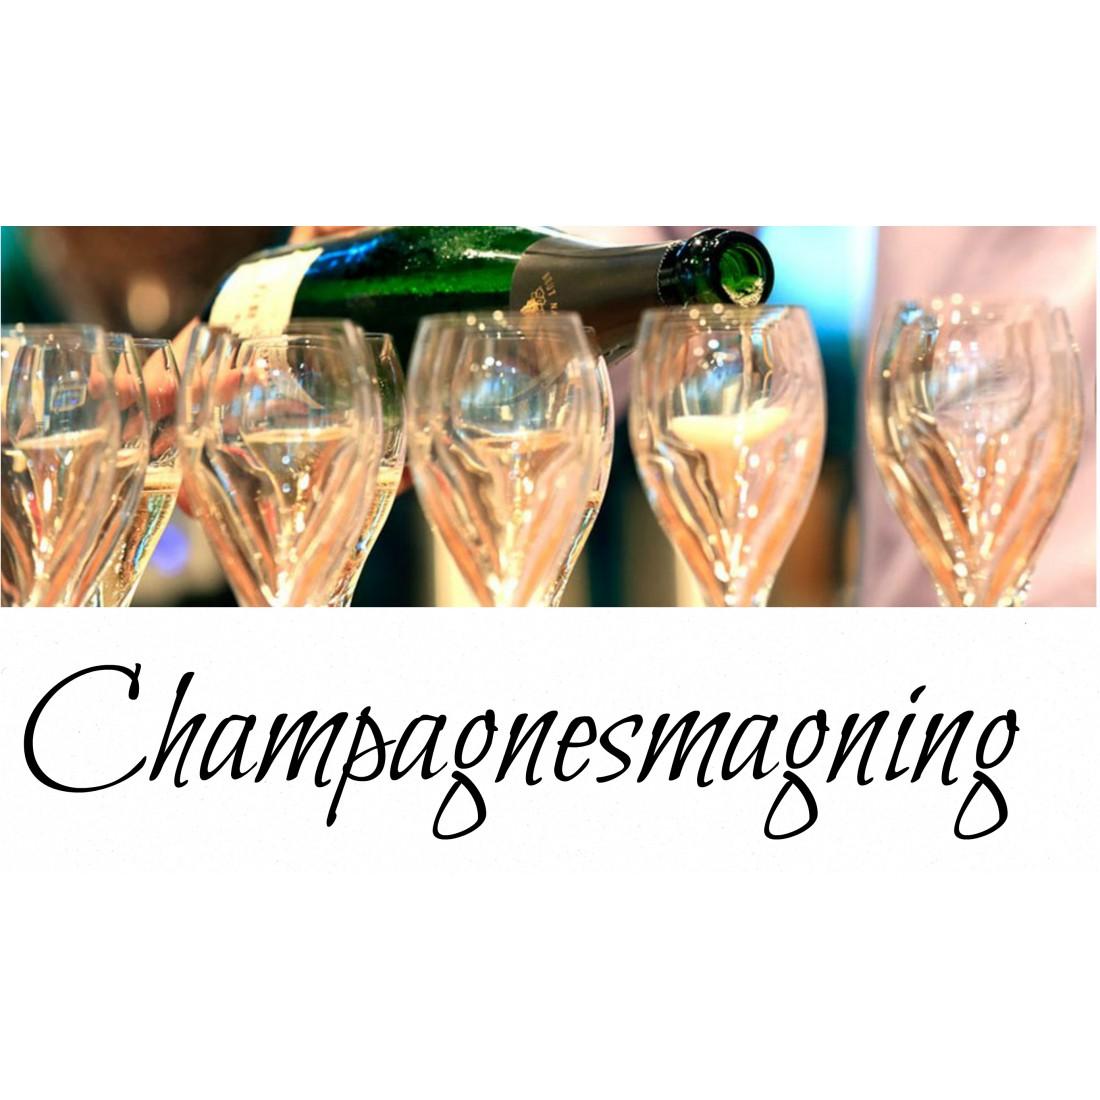 Meunier Champagnesmagning lørdag den 19 december kl. 19.00 I ChampagneKælderen-31